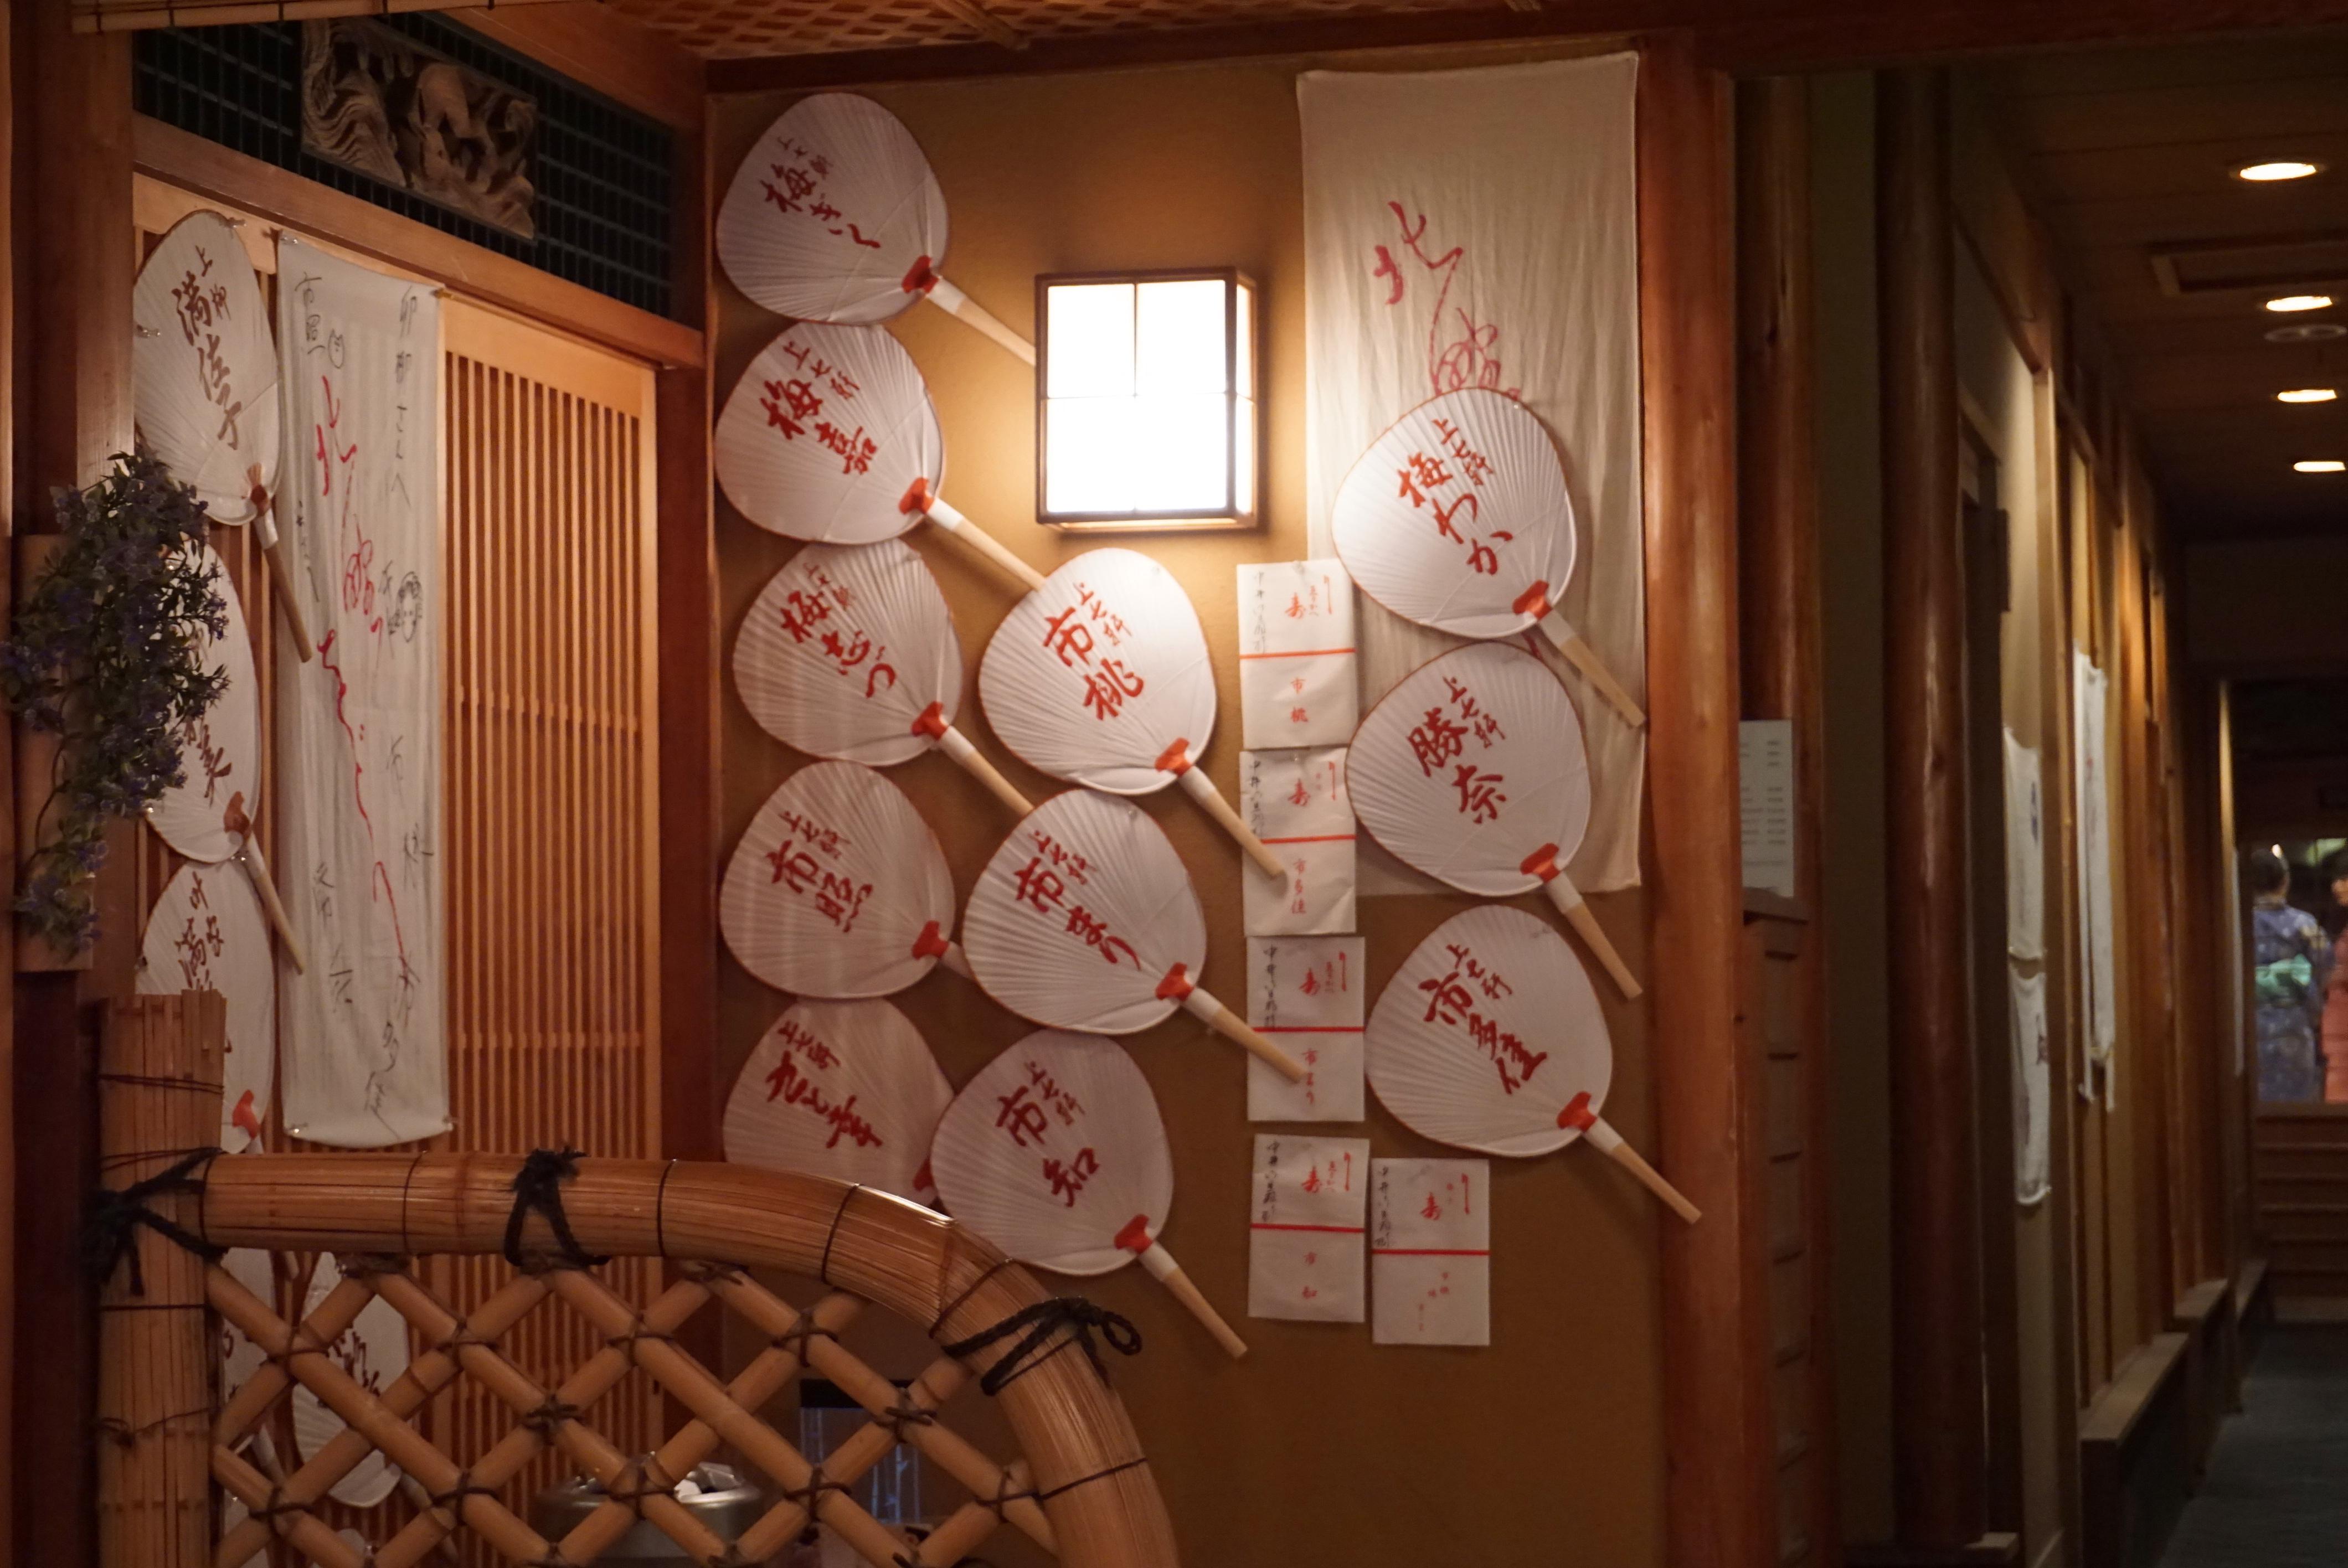 Doorway of Restaurant in Kyoto